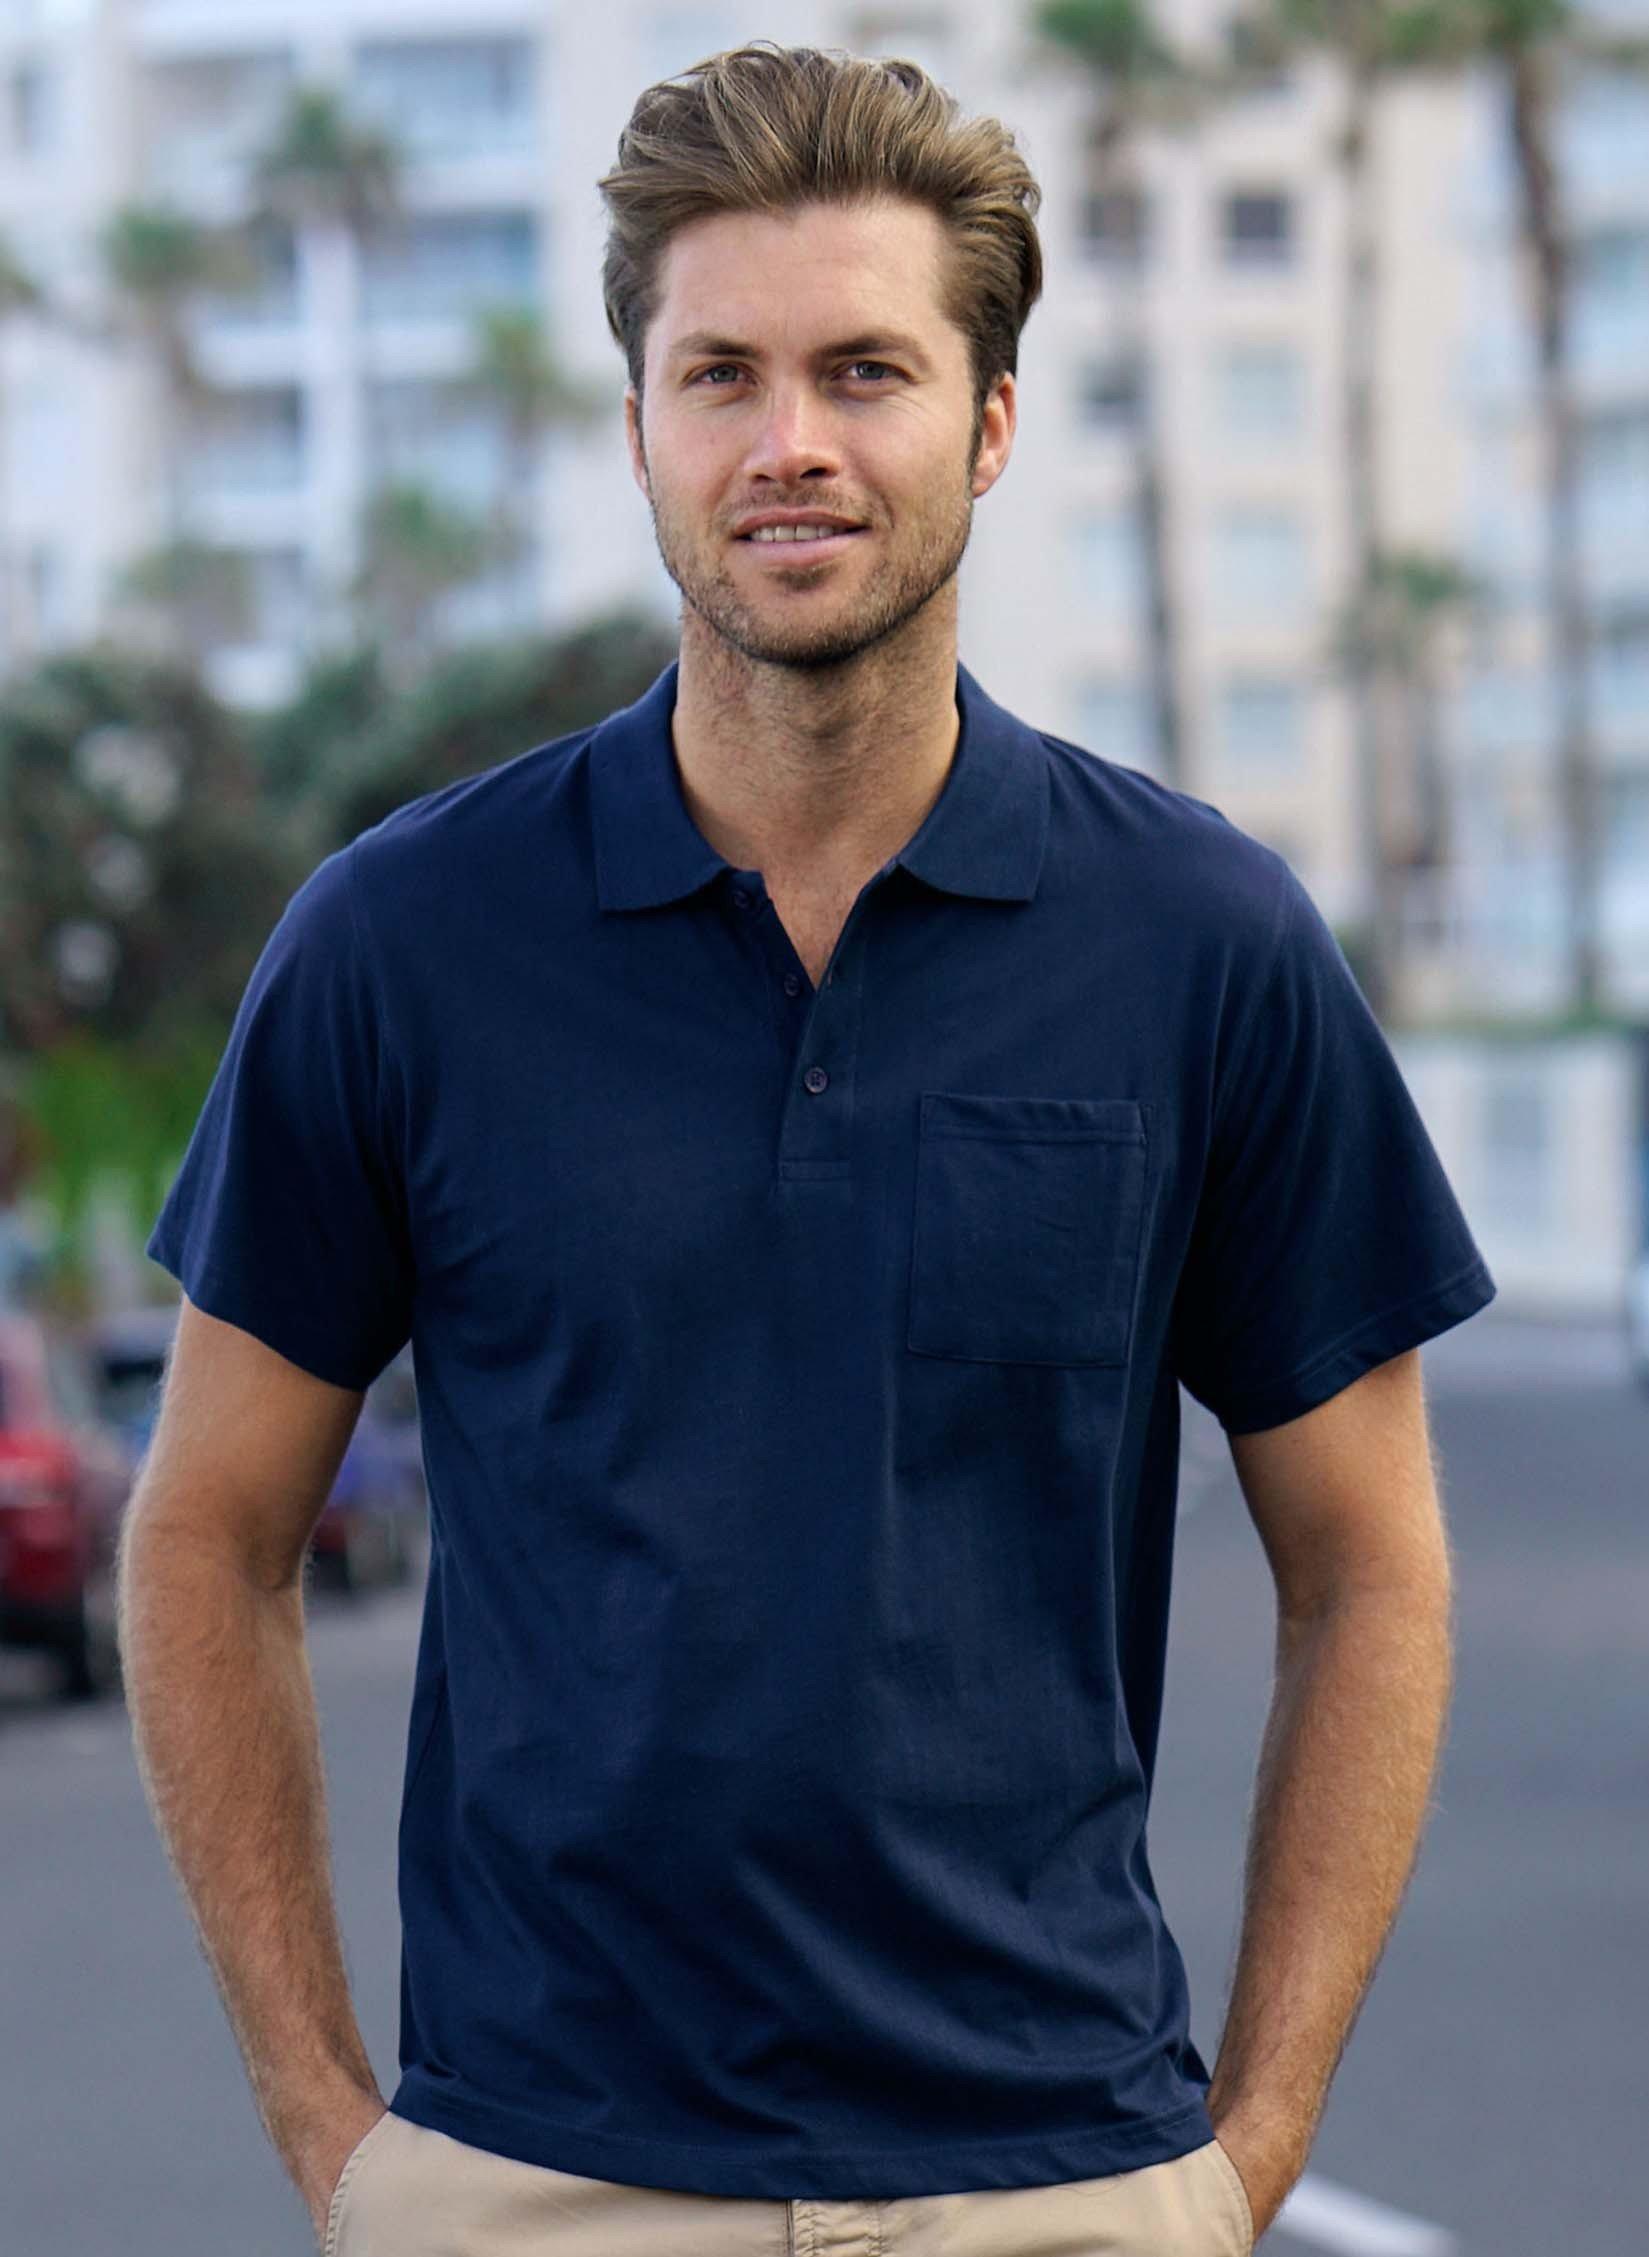 Herren-Polo-Shirt erhältlich in 7 Farben